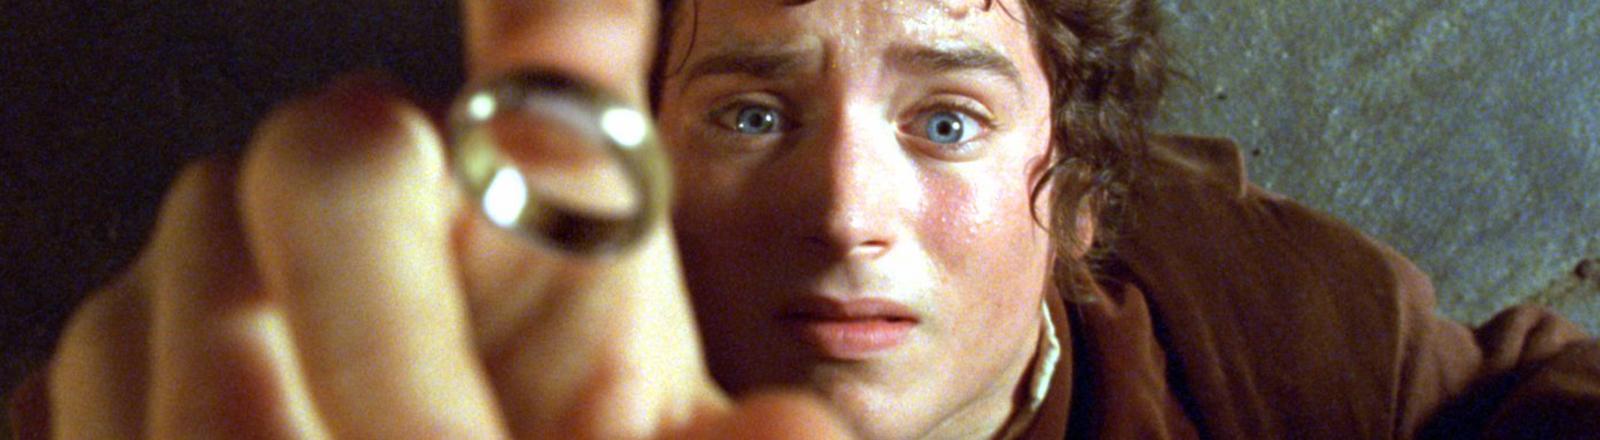 """Elijah Wood als Hobbit Frodo in einer Szene aus dem Kinofilm """"Der Herr der Ringe - Die Gefährten"""" nach der Vorlage von J.R.R. Tolkien."""